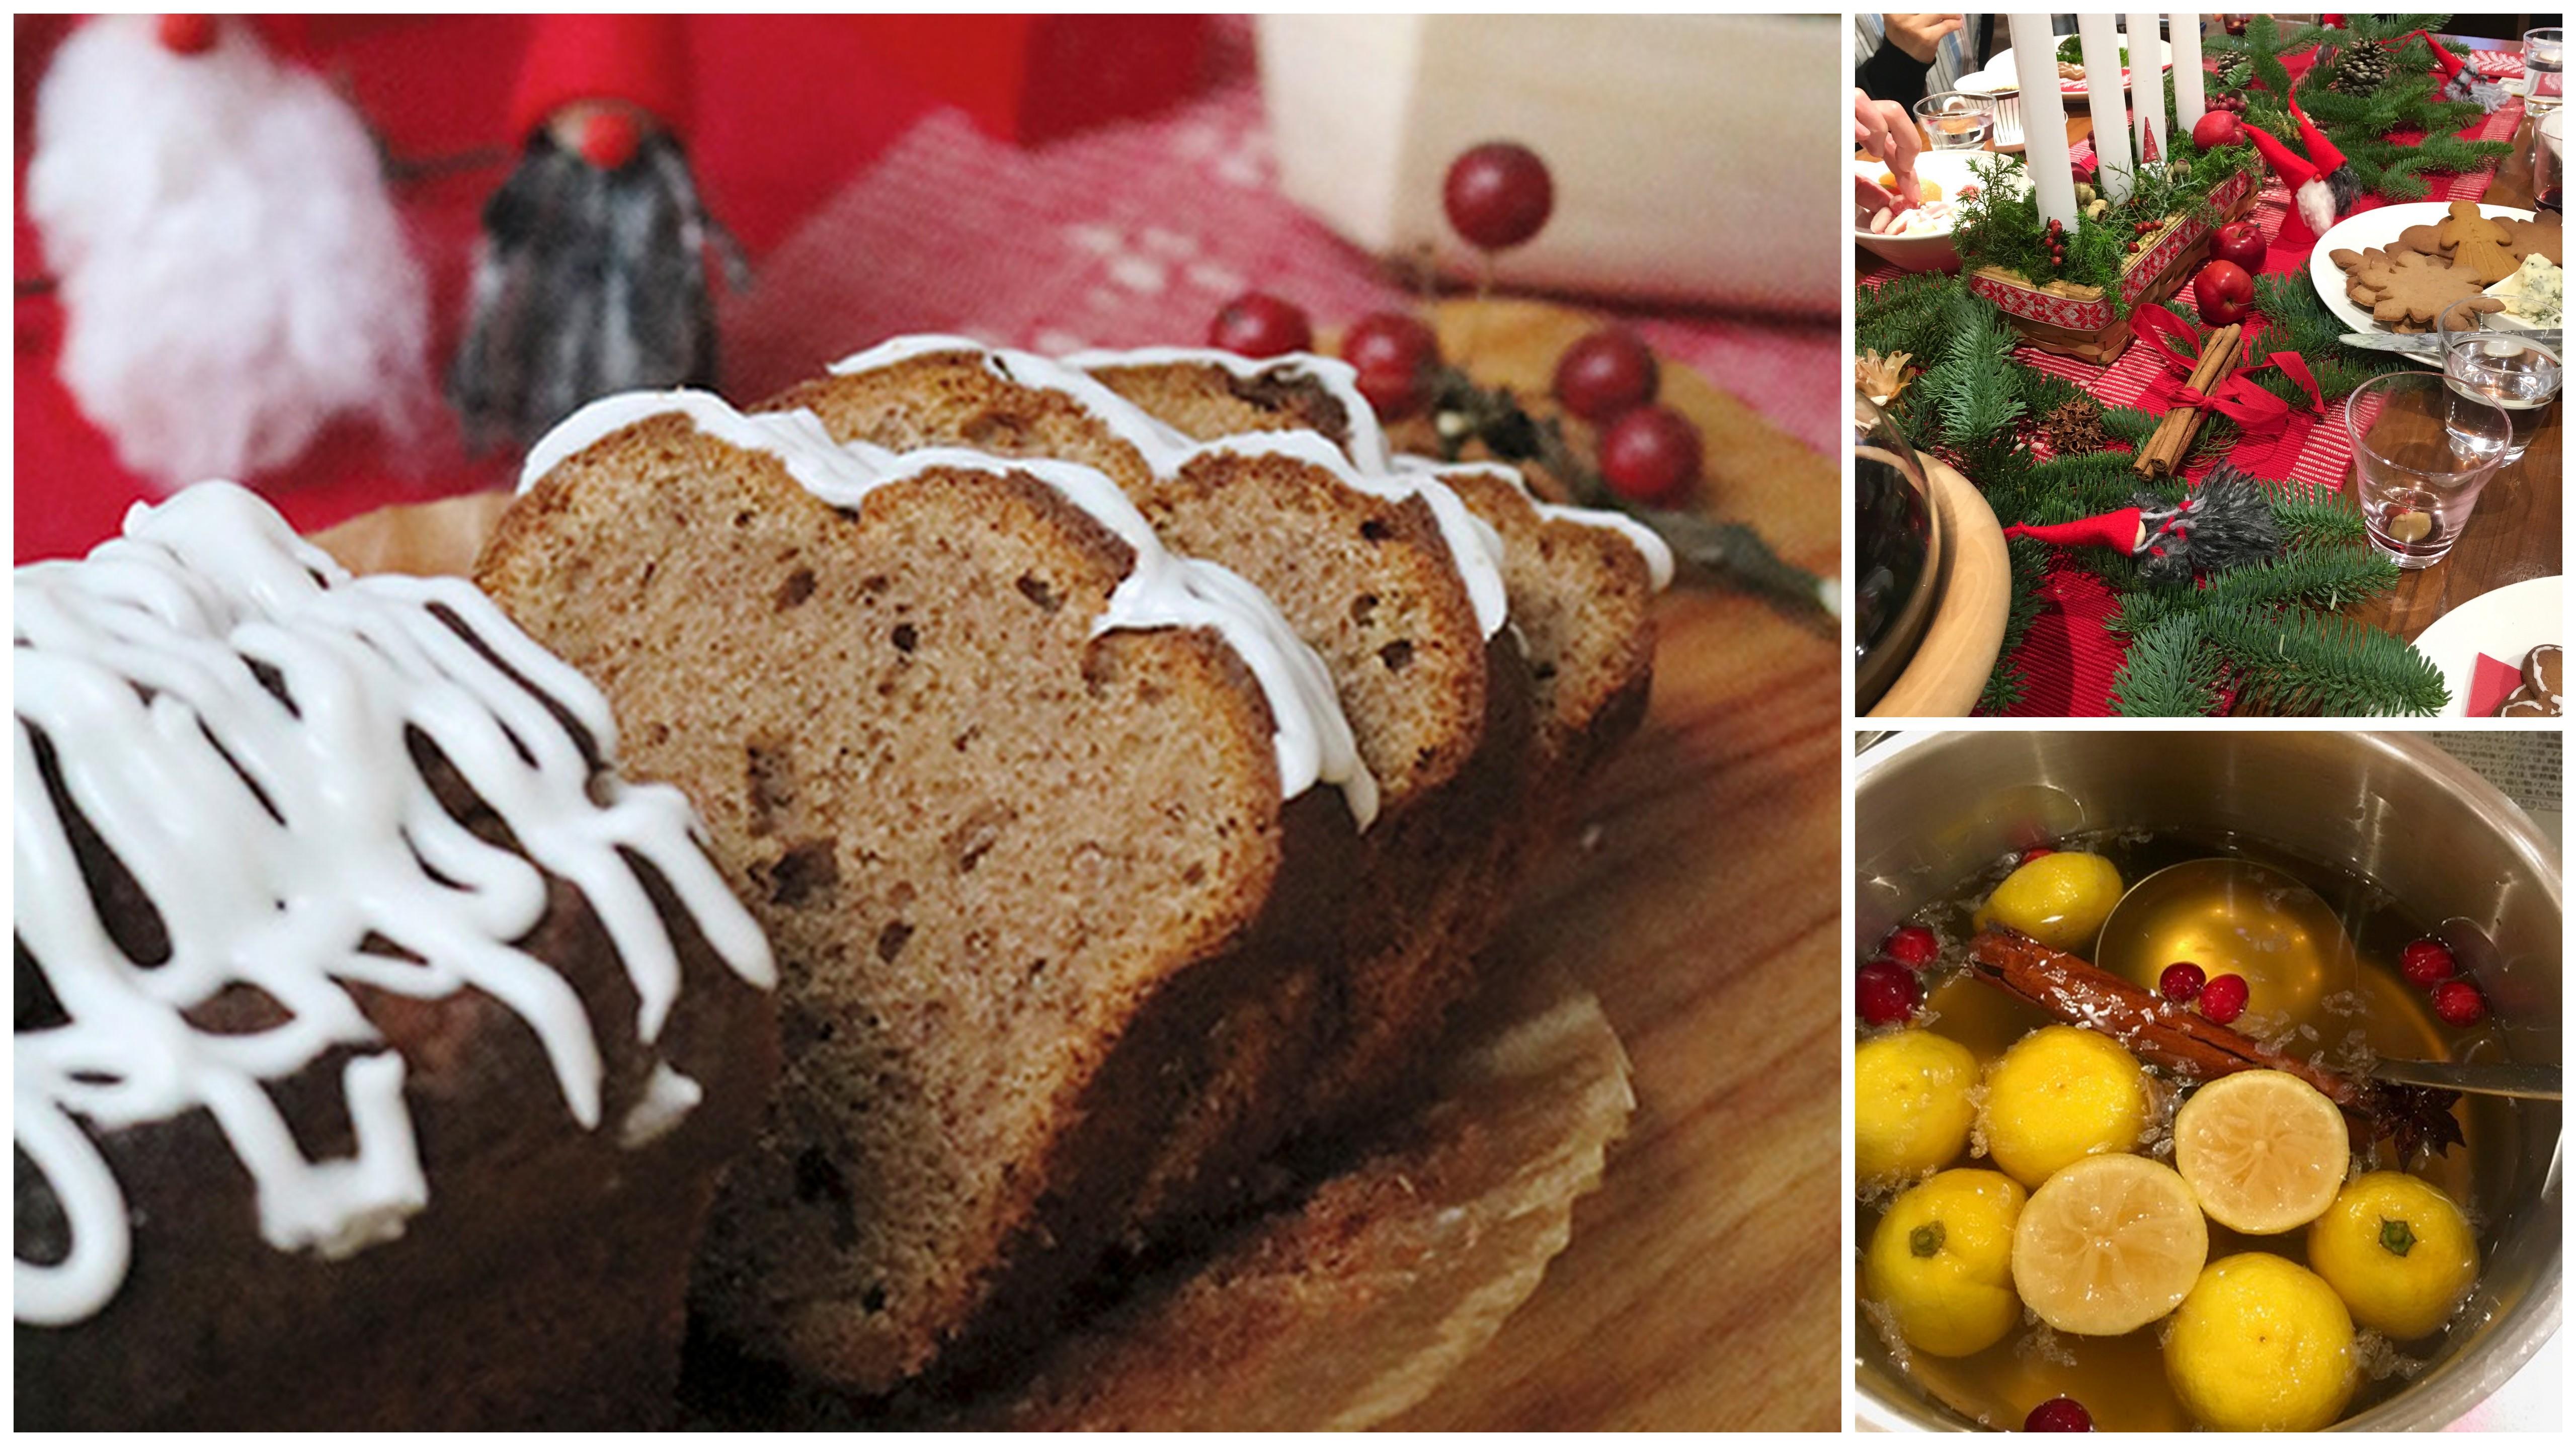 【ワークショップのお知らせ/11月23日(土)】クリスマスを待つアドベント(Advent)Fikaを開催します。